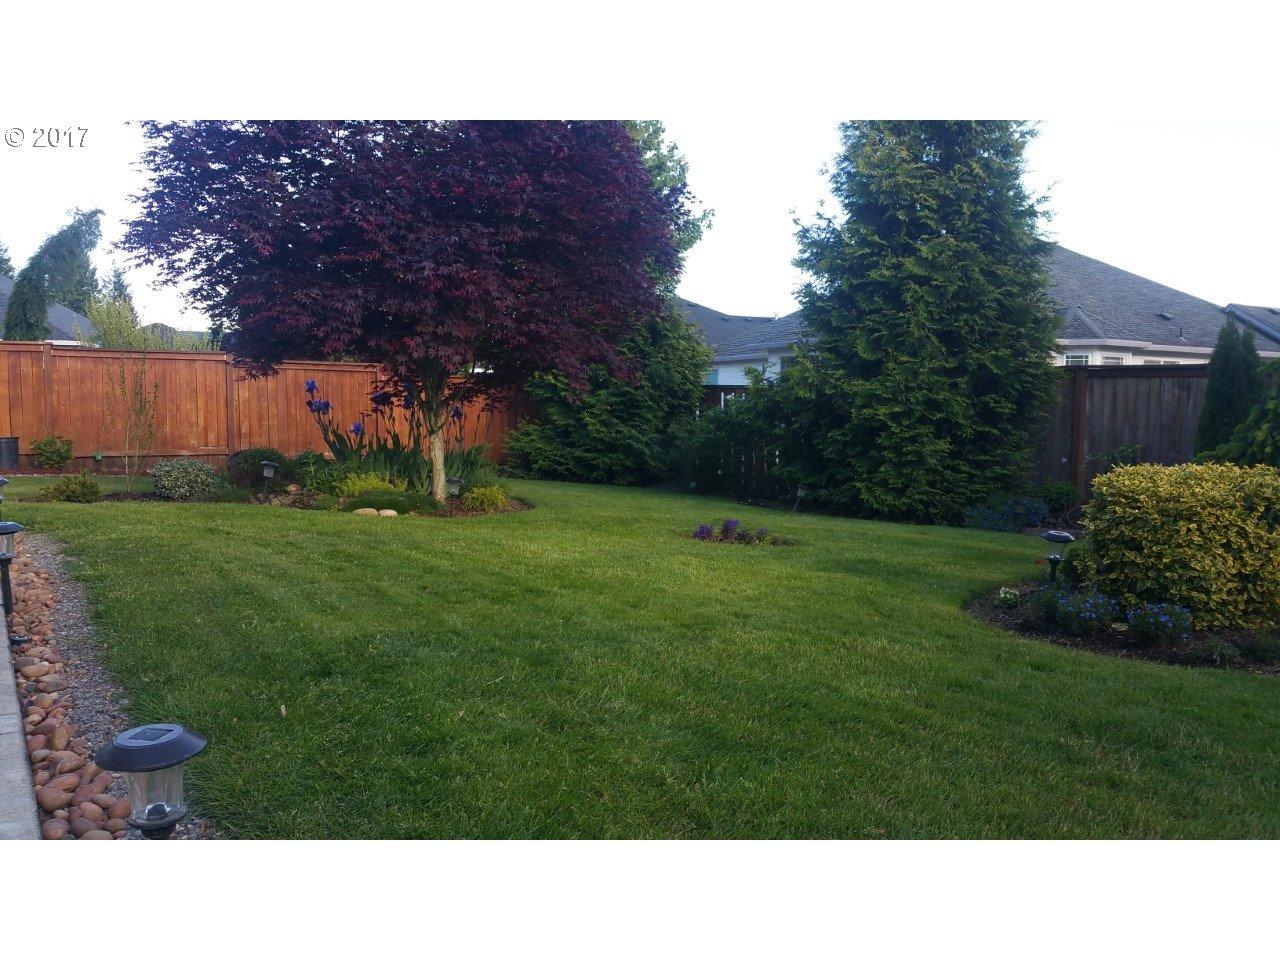 17507 NE 30TH ST Vancouver, WA 98682 - MLS #: 17673536